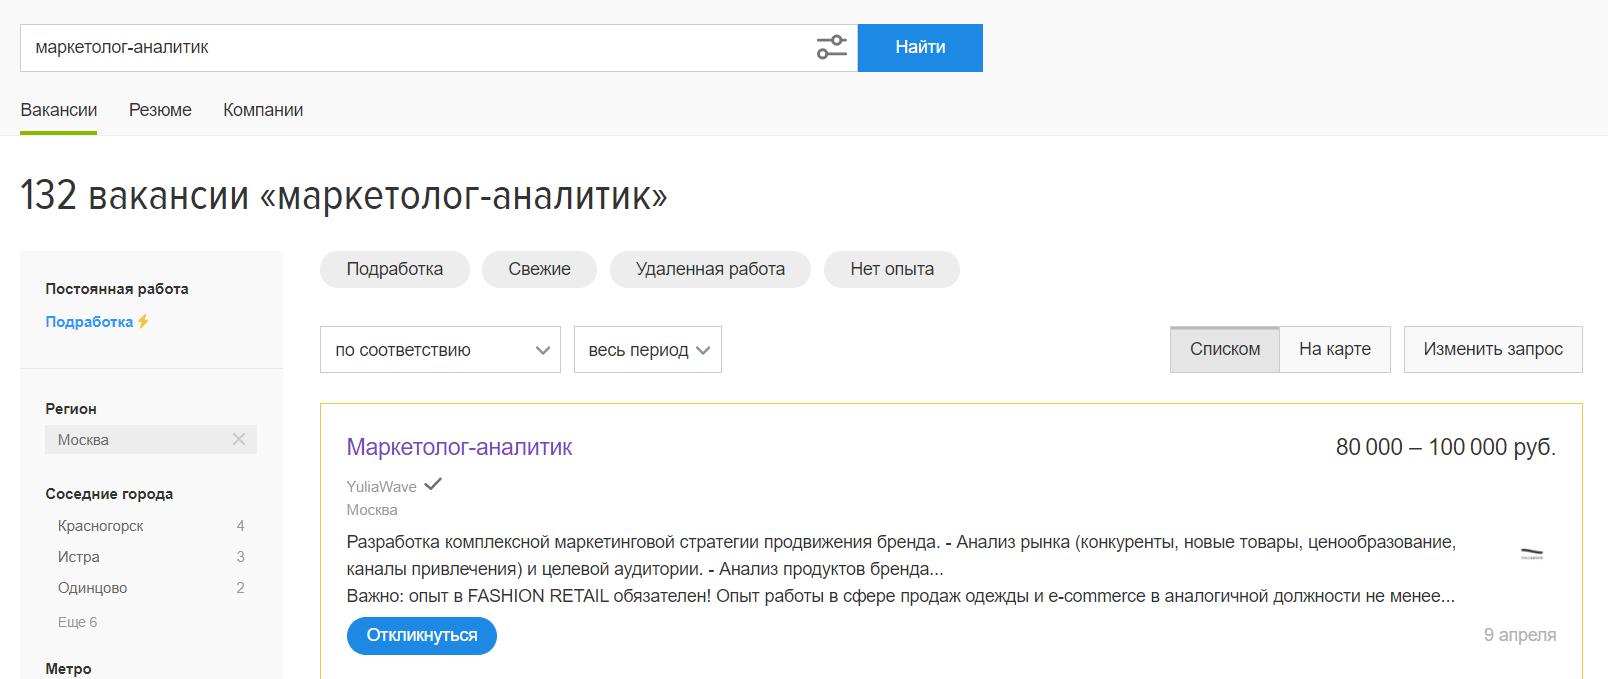 Вакансий для маркетологов-аналитиков по Москве на порядок больше, чем для digital-стратегов